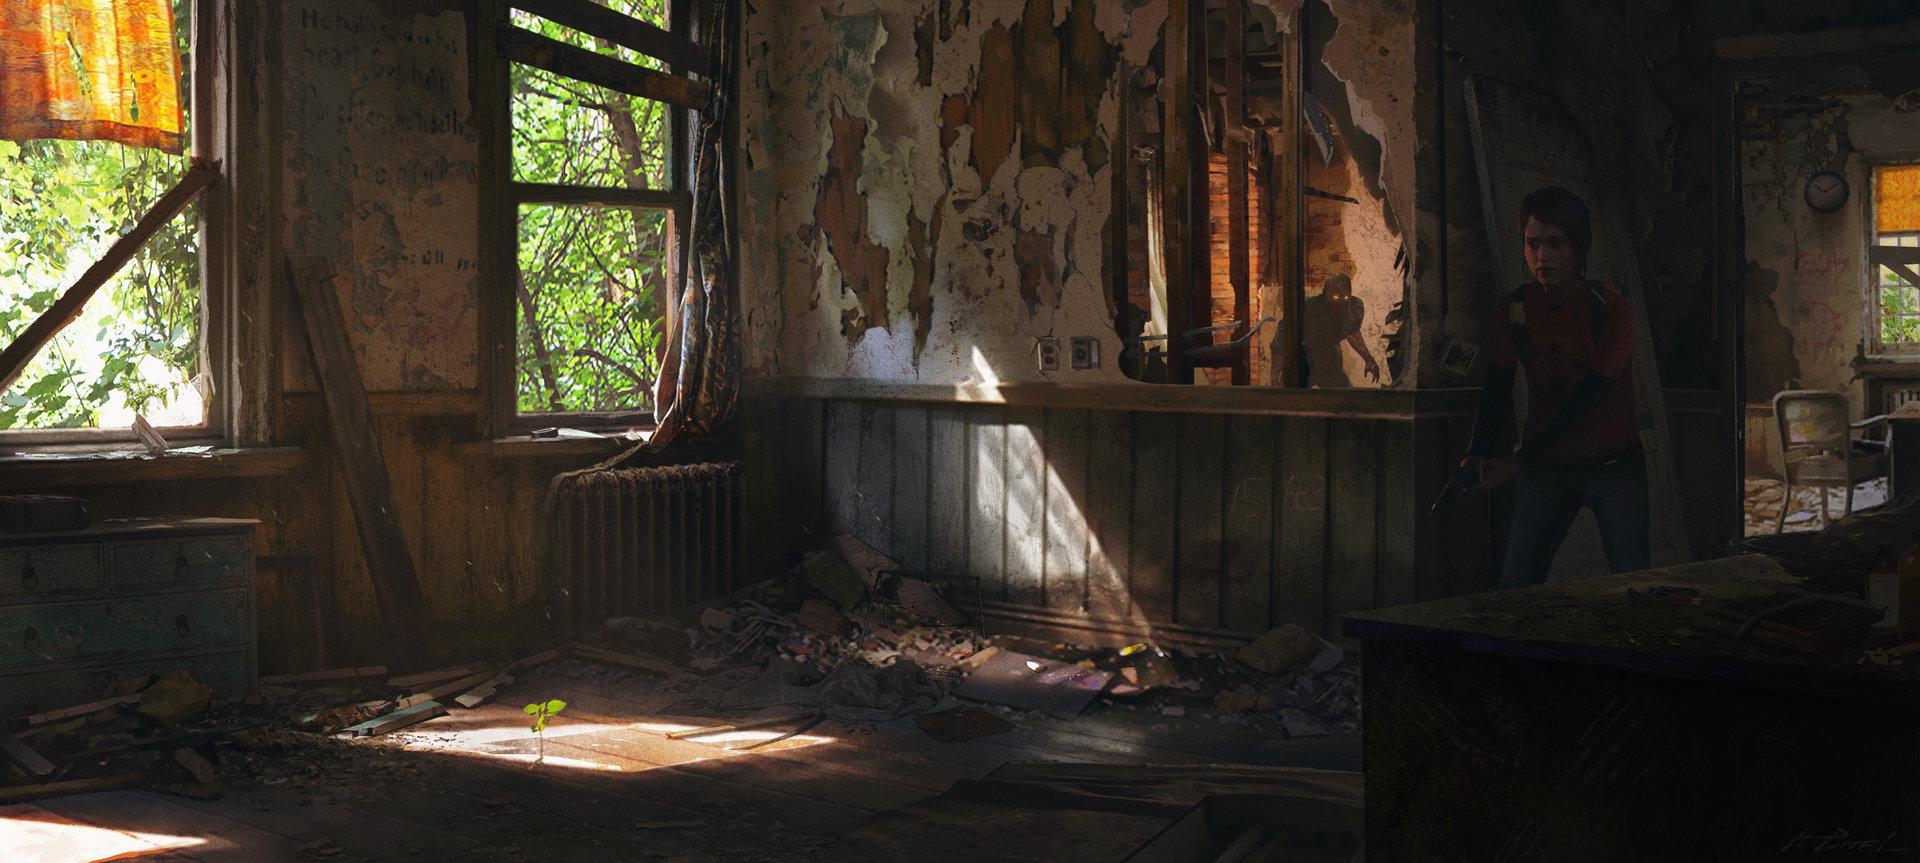 Artstation Last Of Us Fan Art Interior Hemal Patel